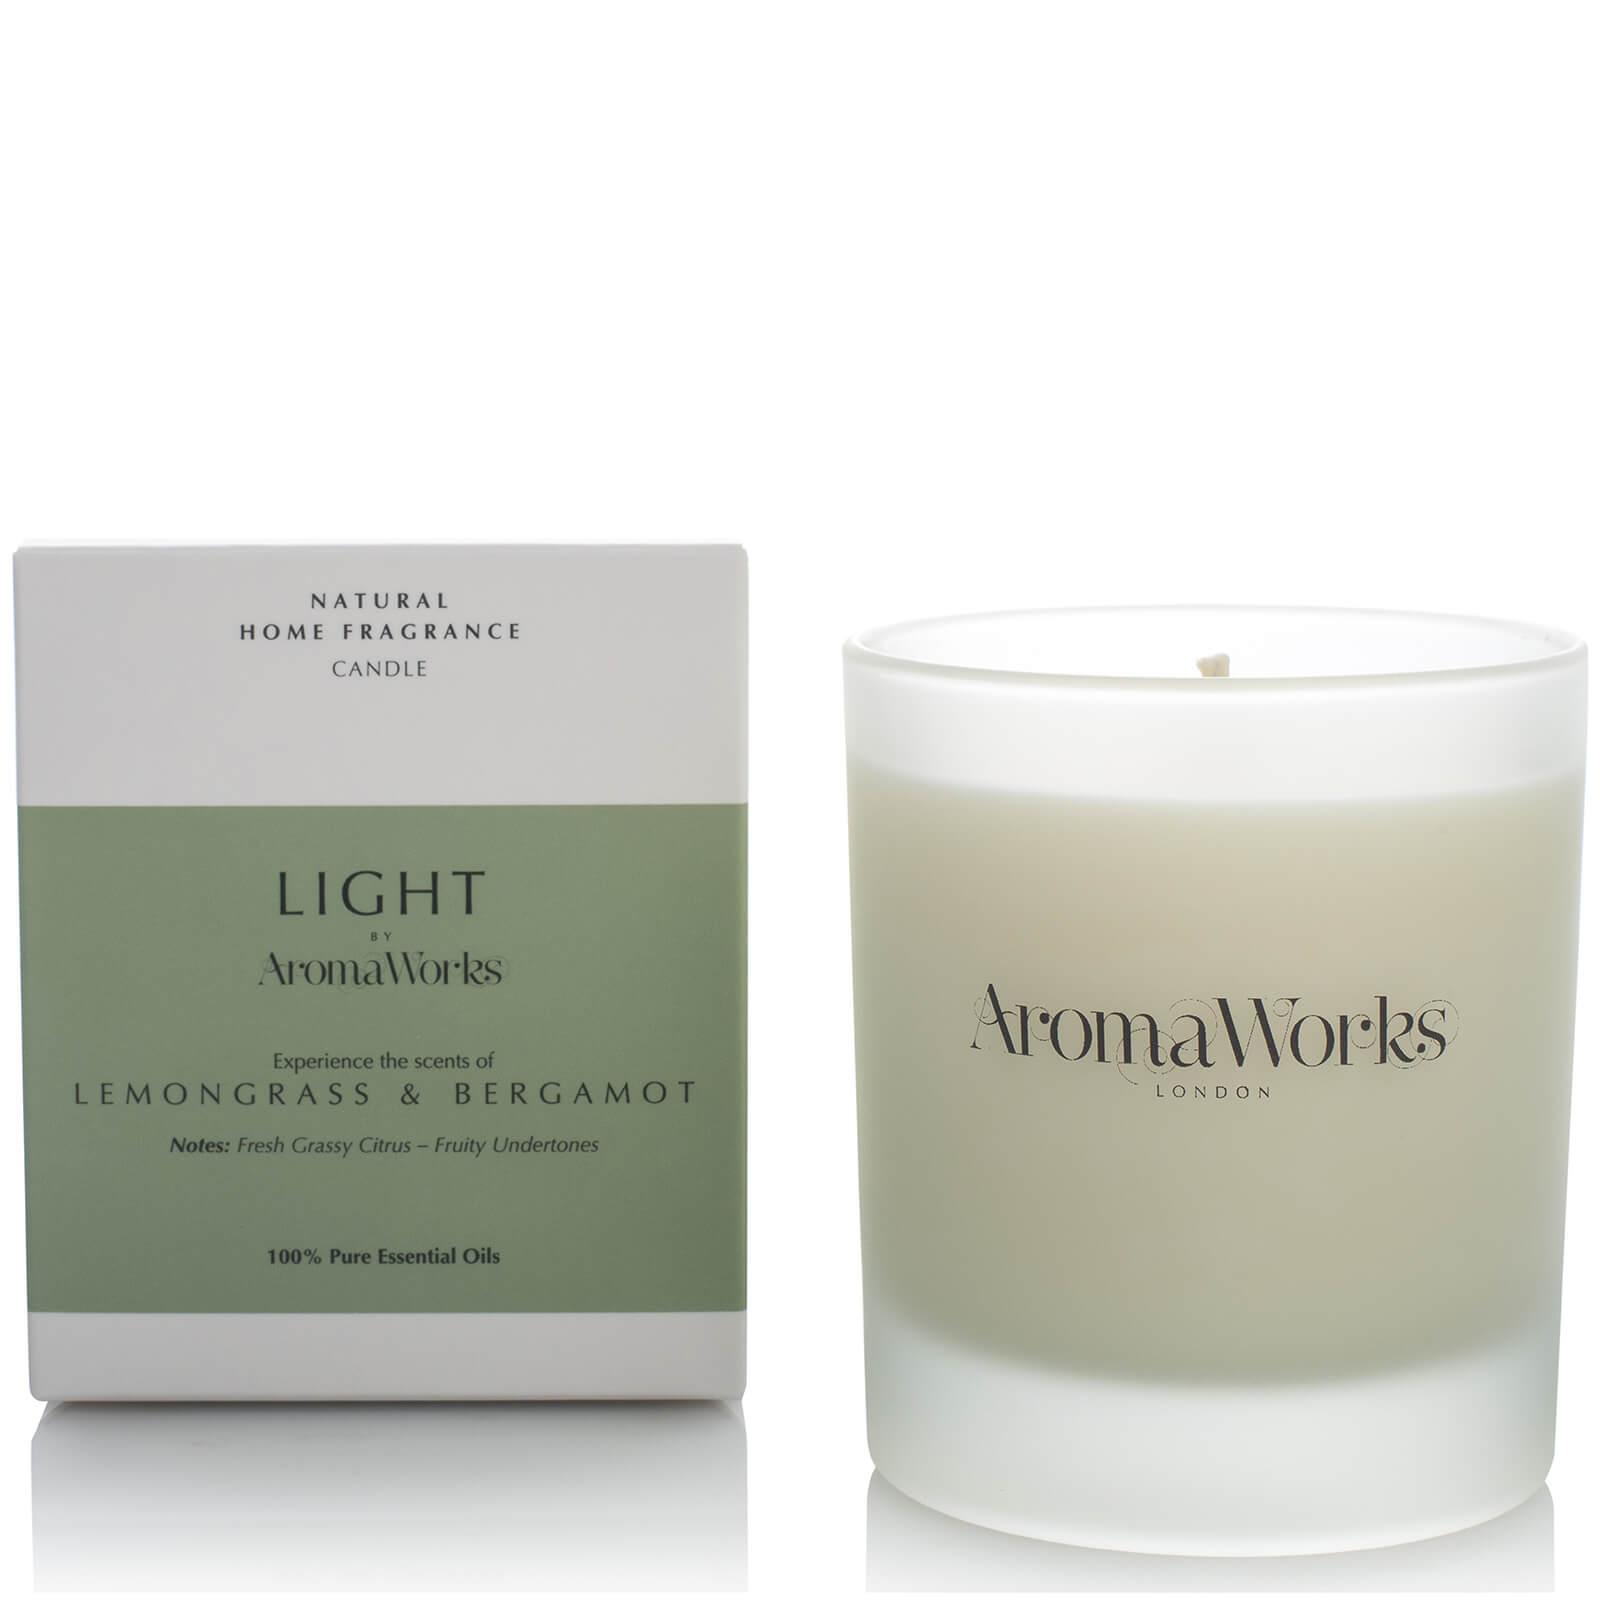 Купить Ароматическая свеча с лемонграссом и бергамотом AromaWorks Light Range Candle - Lemongrass and Bergamot 30 сл